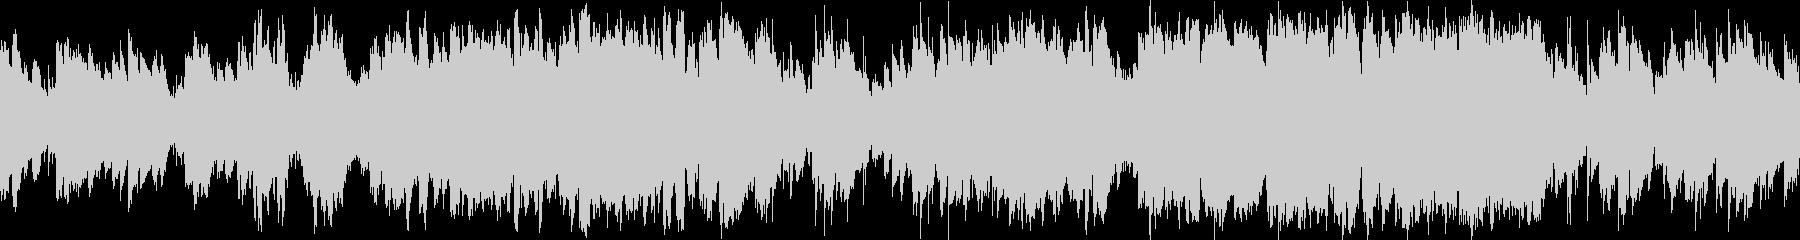 バイオリン・疾走感のある民族調・ループ版の未再生の波形